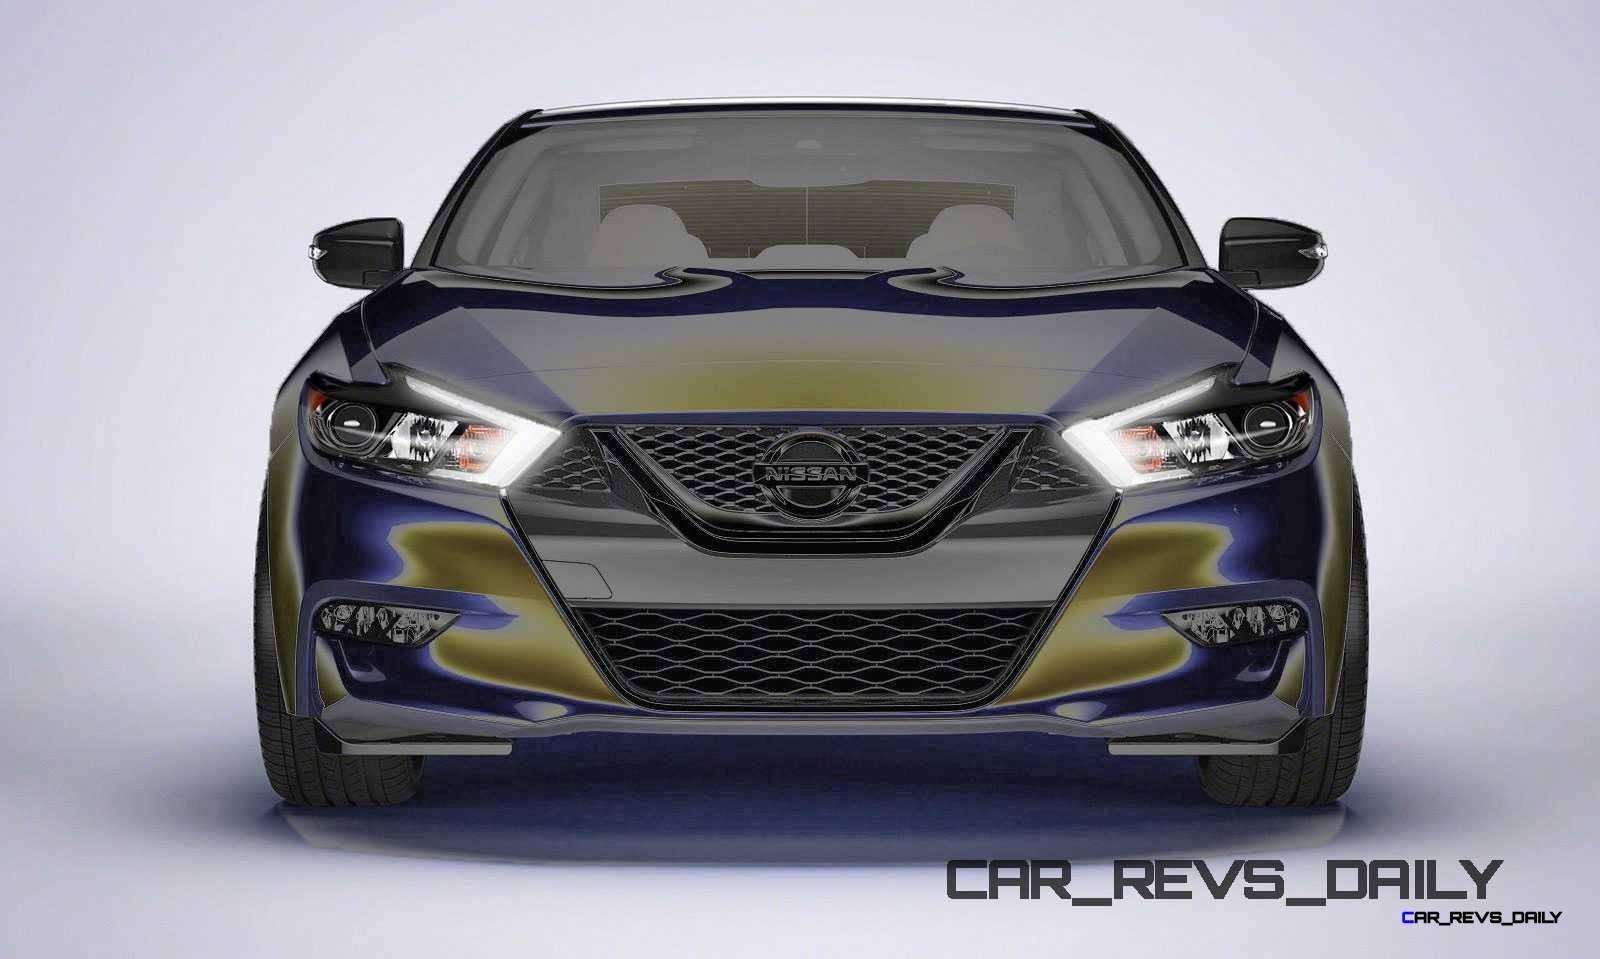 2016-Nissan-Maxima-SR-Deep-Pearl-Blue-11dsc